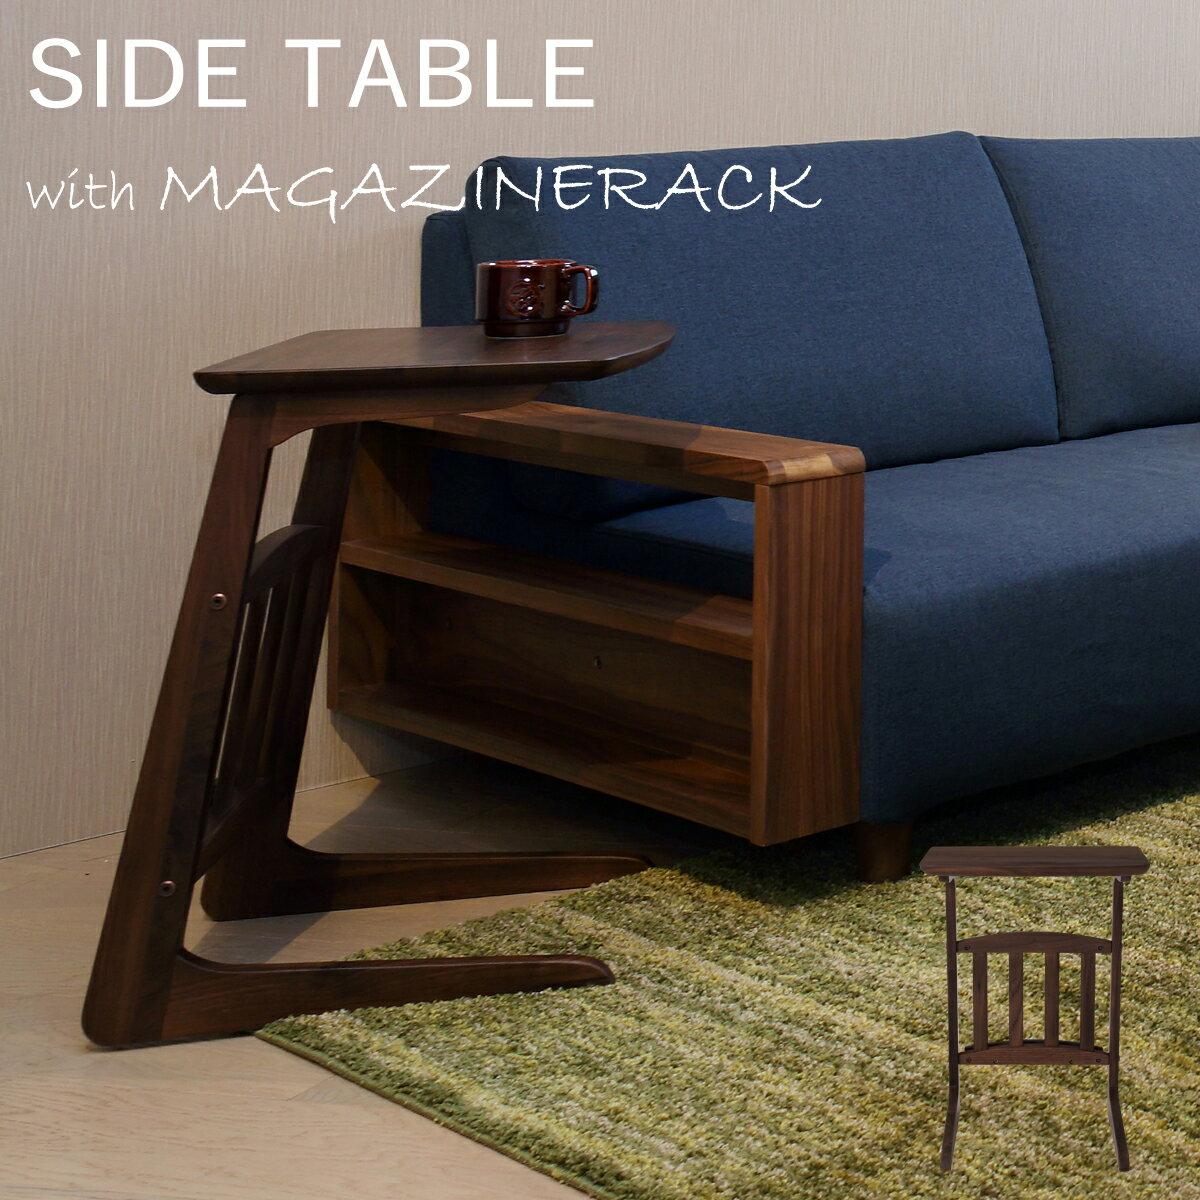 サイドテーブル 幅40cm コーヒーテーブル ソファーテーブル コンソール ナイトテーブル ブルーノ インテリア 家具 北欧 モダン クラスティーナ ブラウン ウォールナット コンパクト シンプル マガジンラック